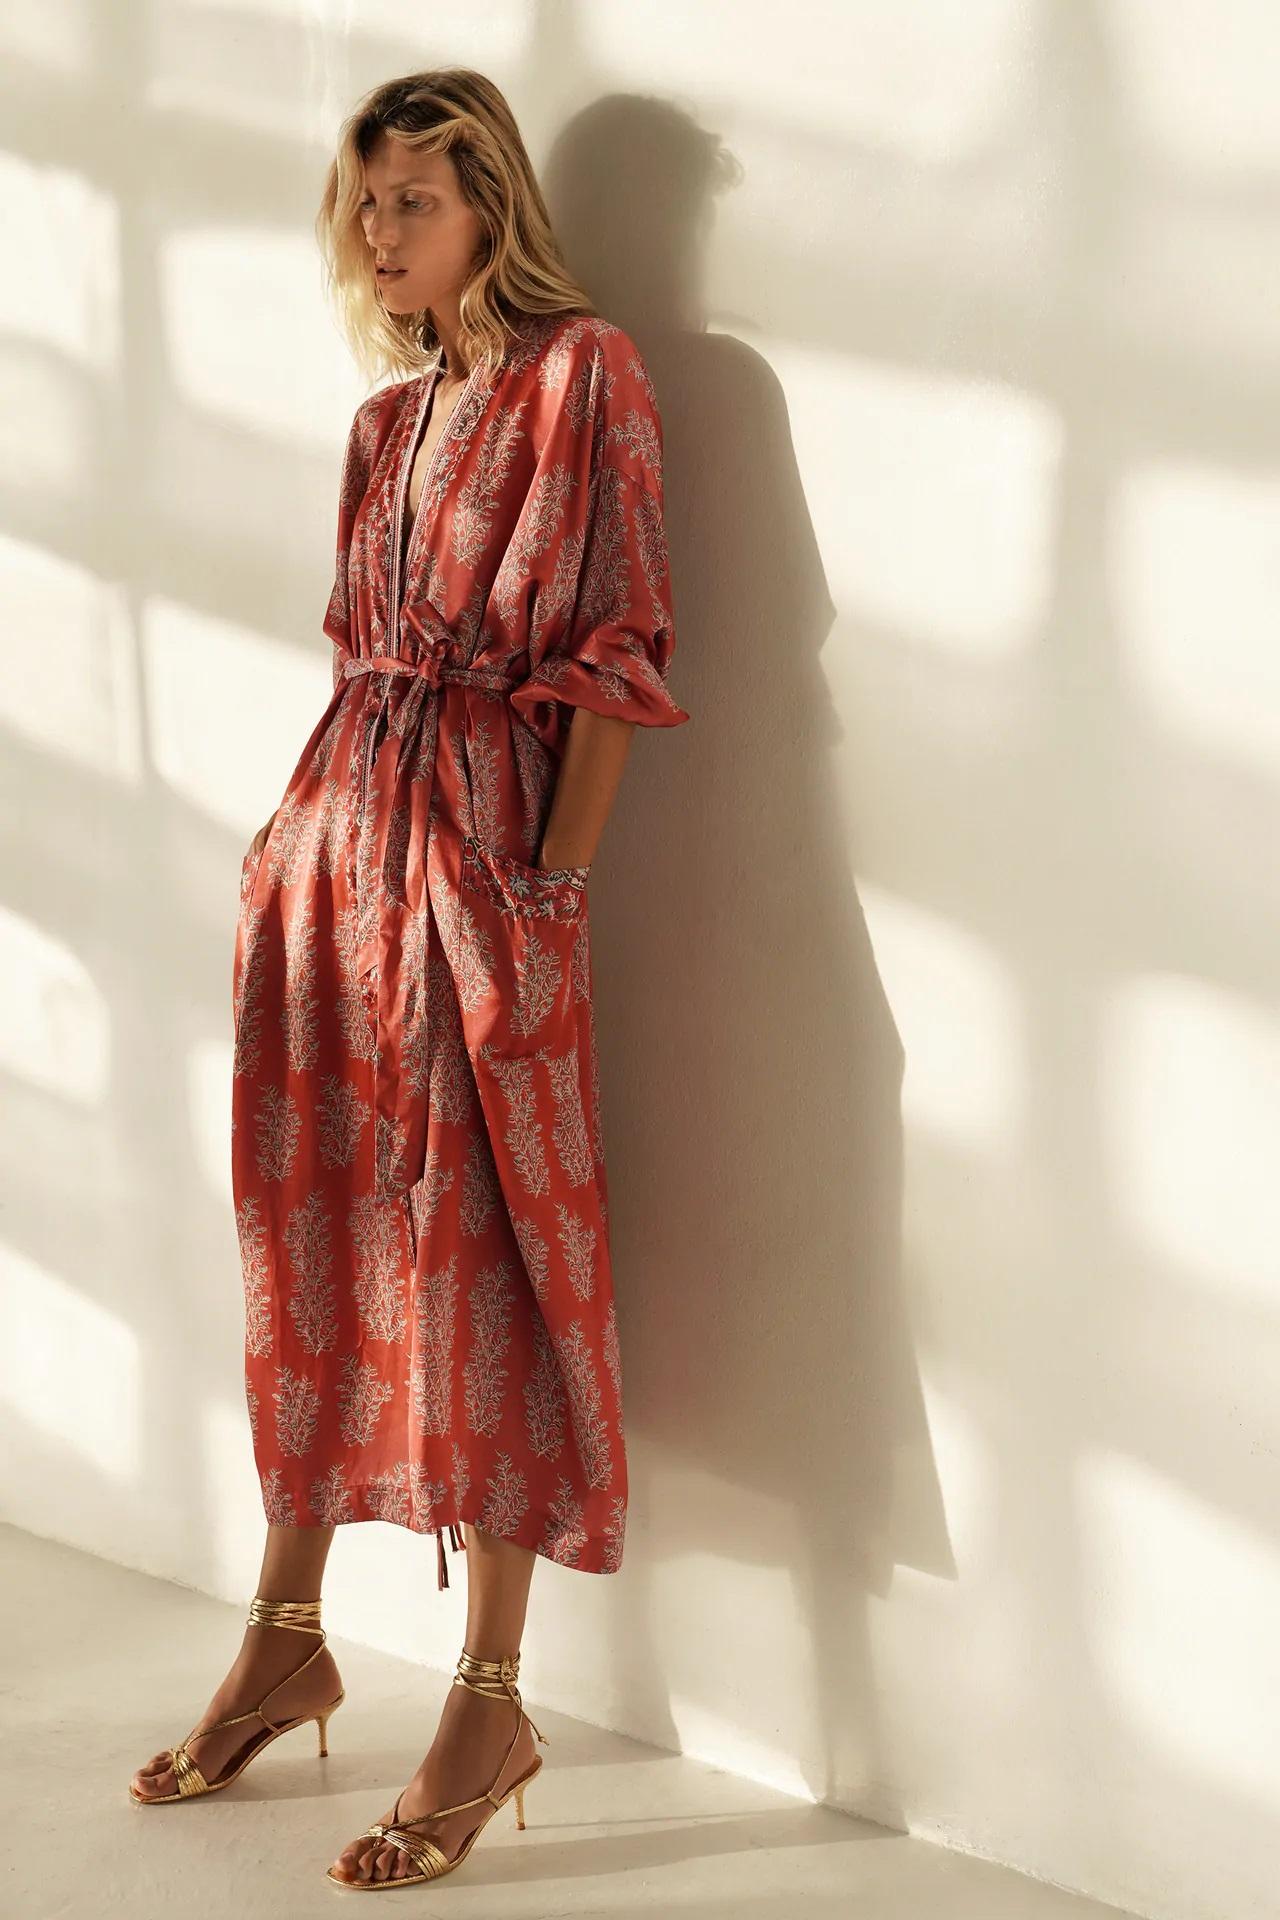 Zara tiene un kimono para llevar como vestido, túnica o chaqueta digno de una geisha